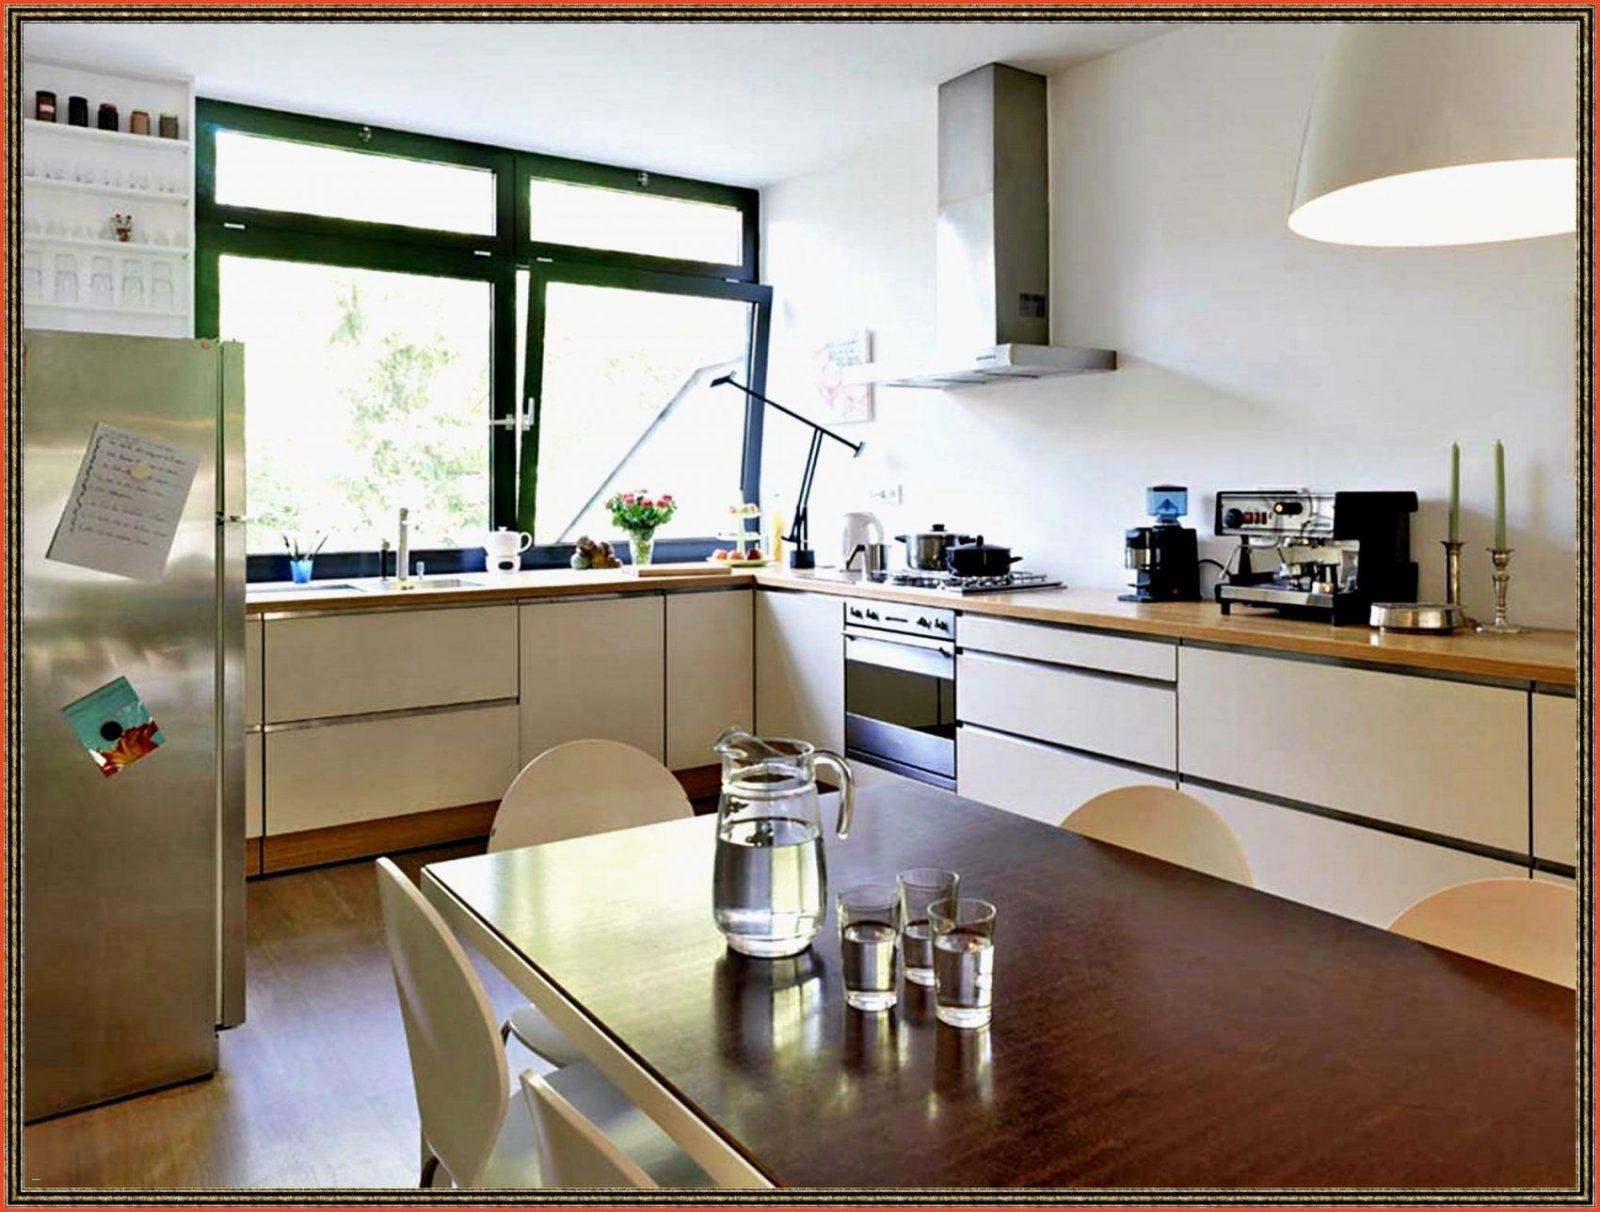 Küchen Oberschränke Frisch 24 Inspirational Bauhaus Badmöbel Svenja von Beleuchtung Küche Ohne Oberschränke Bild